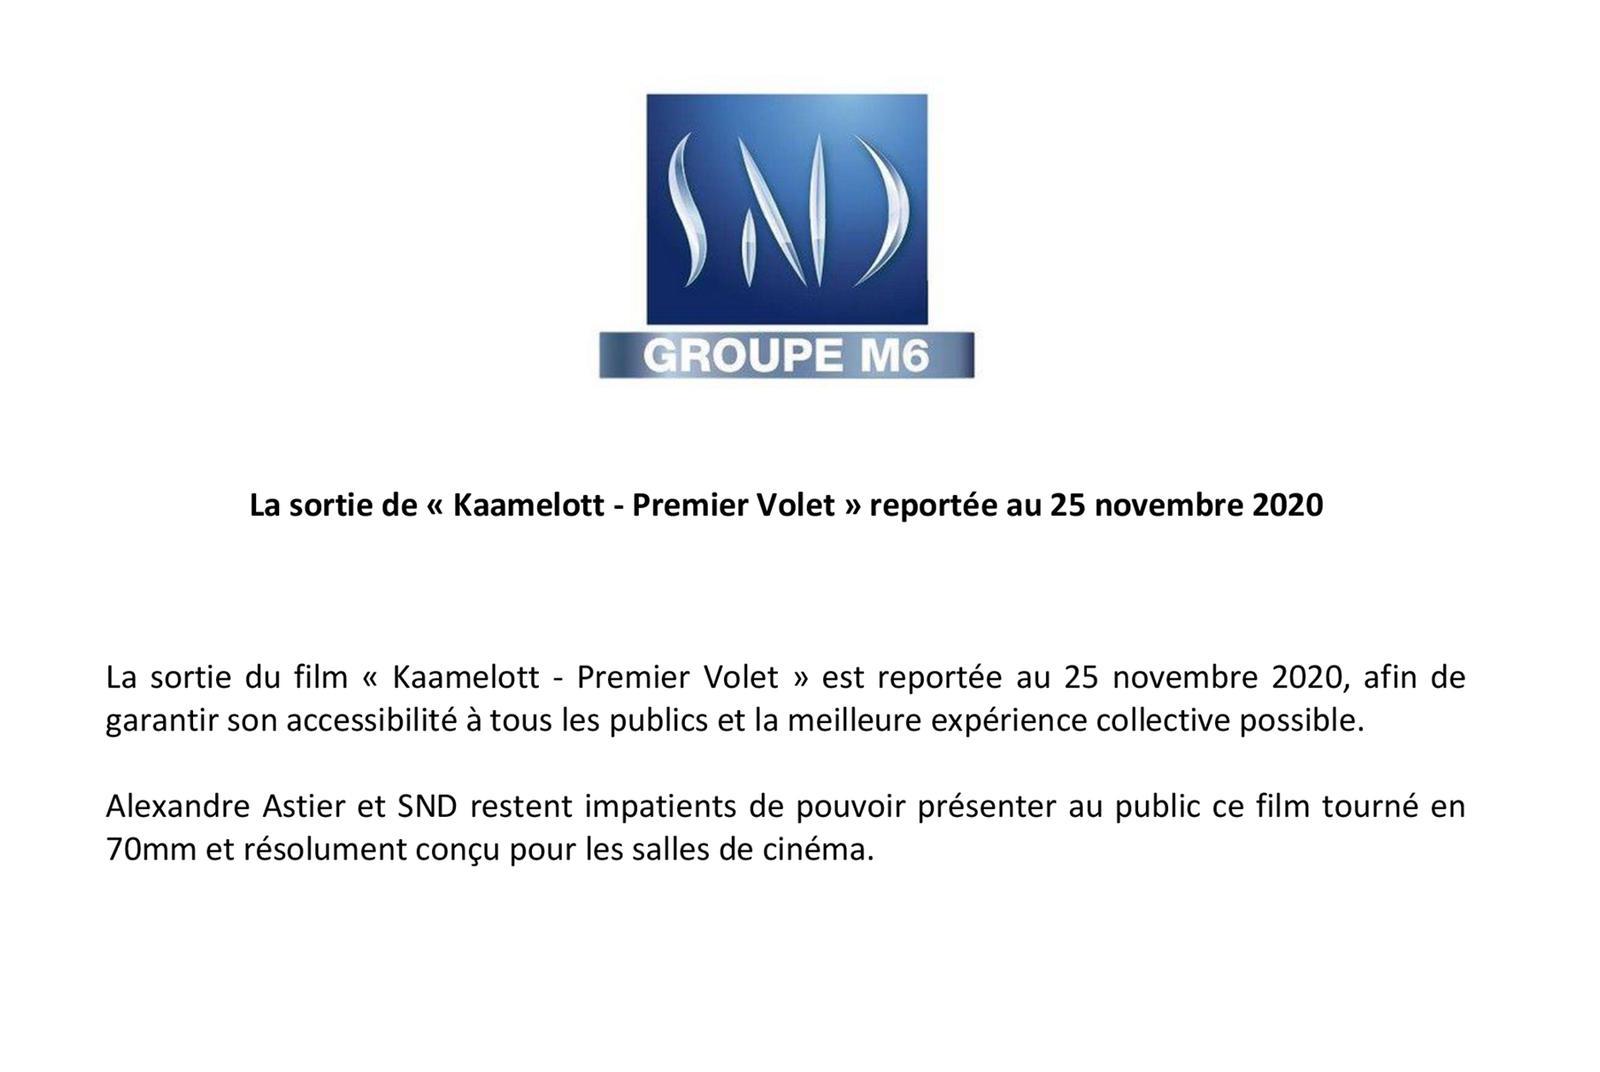 La sortie du film Kaamelott - Premier volet est repoussée !